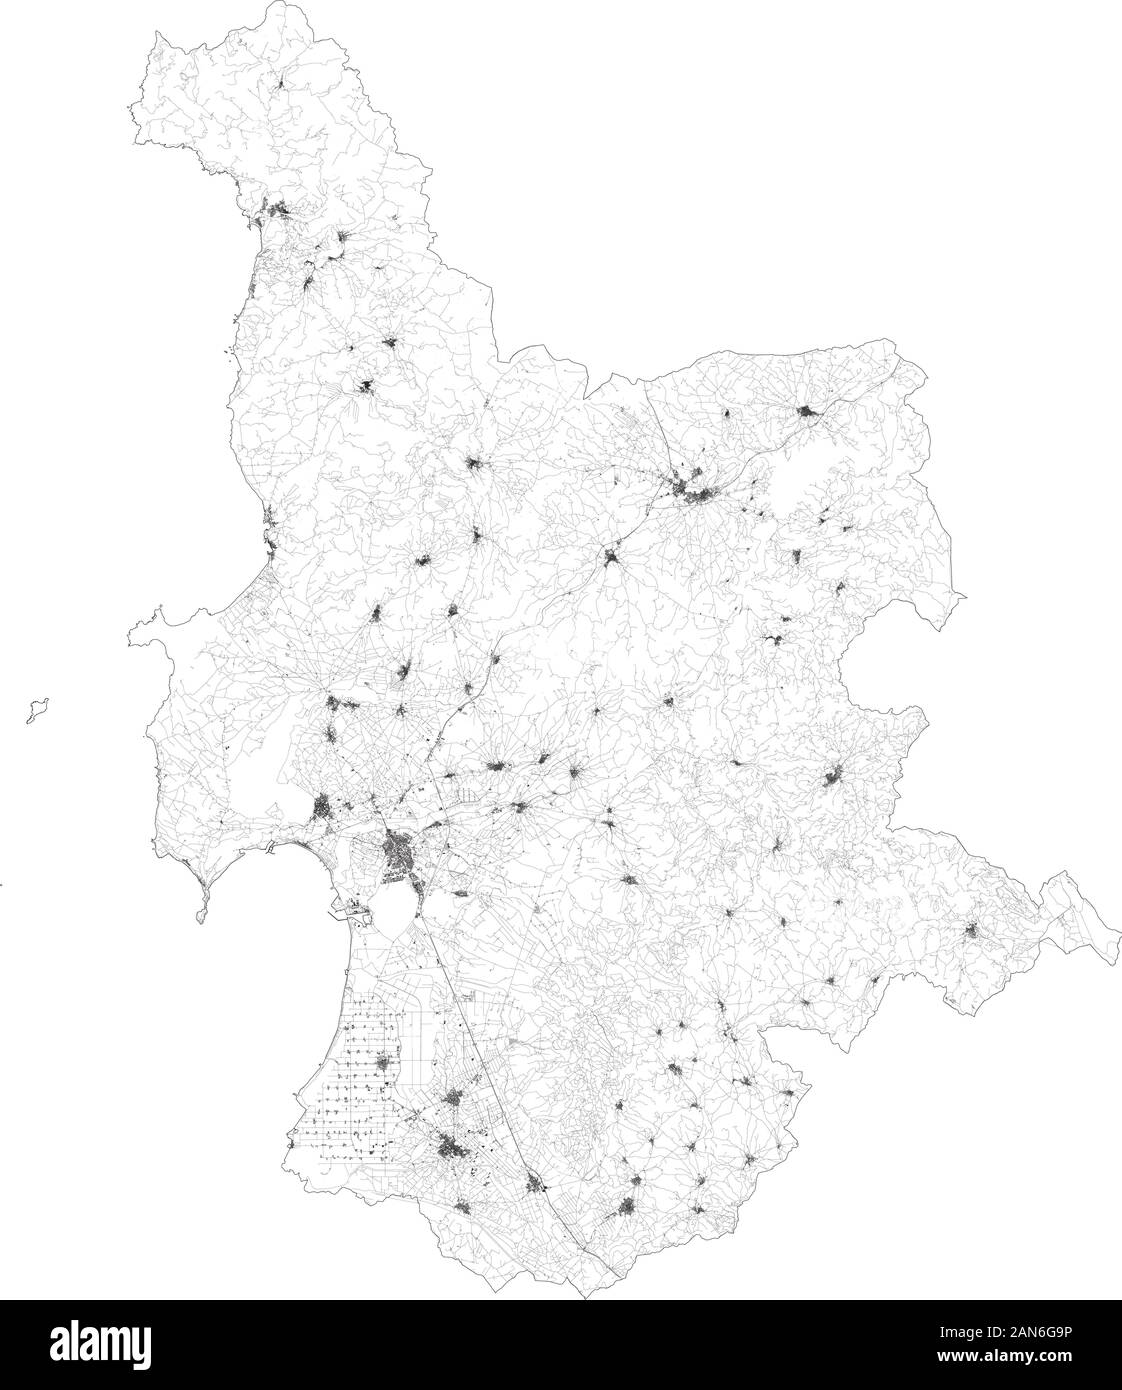 Mapa satelital de la provincia de Oristano ciudades y carreteras, edificios y carreteras de los alrededores. Región de Cerdeña, Italia. Cerdeña Ilustración del Vector